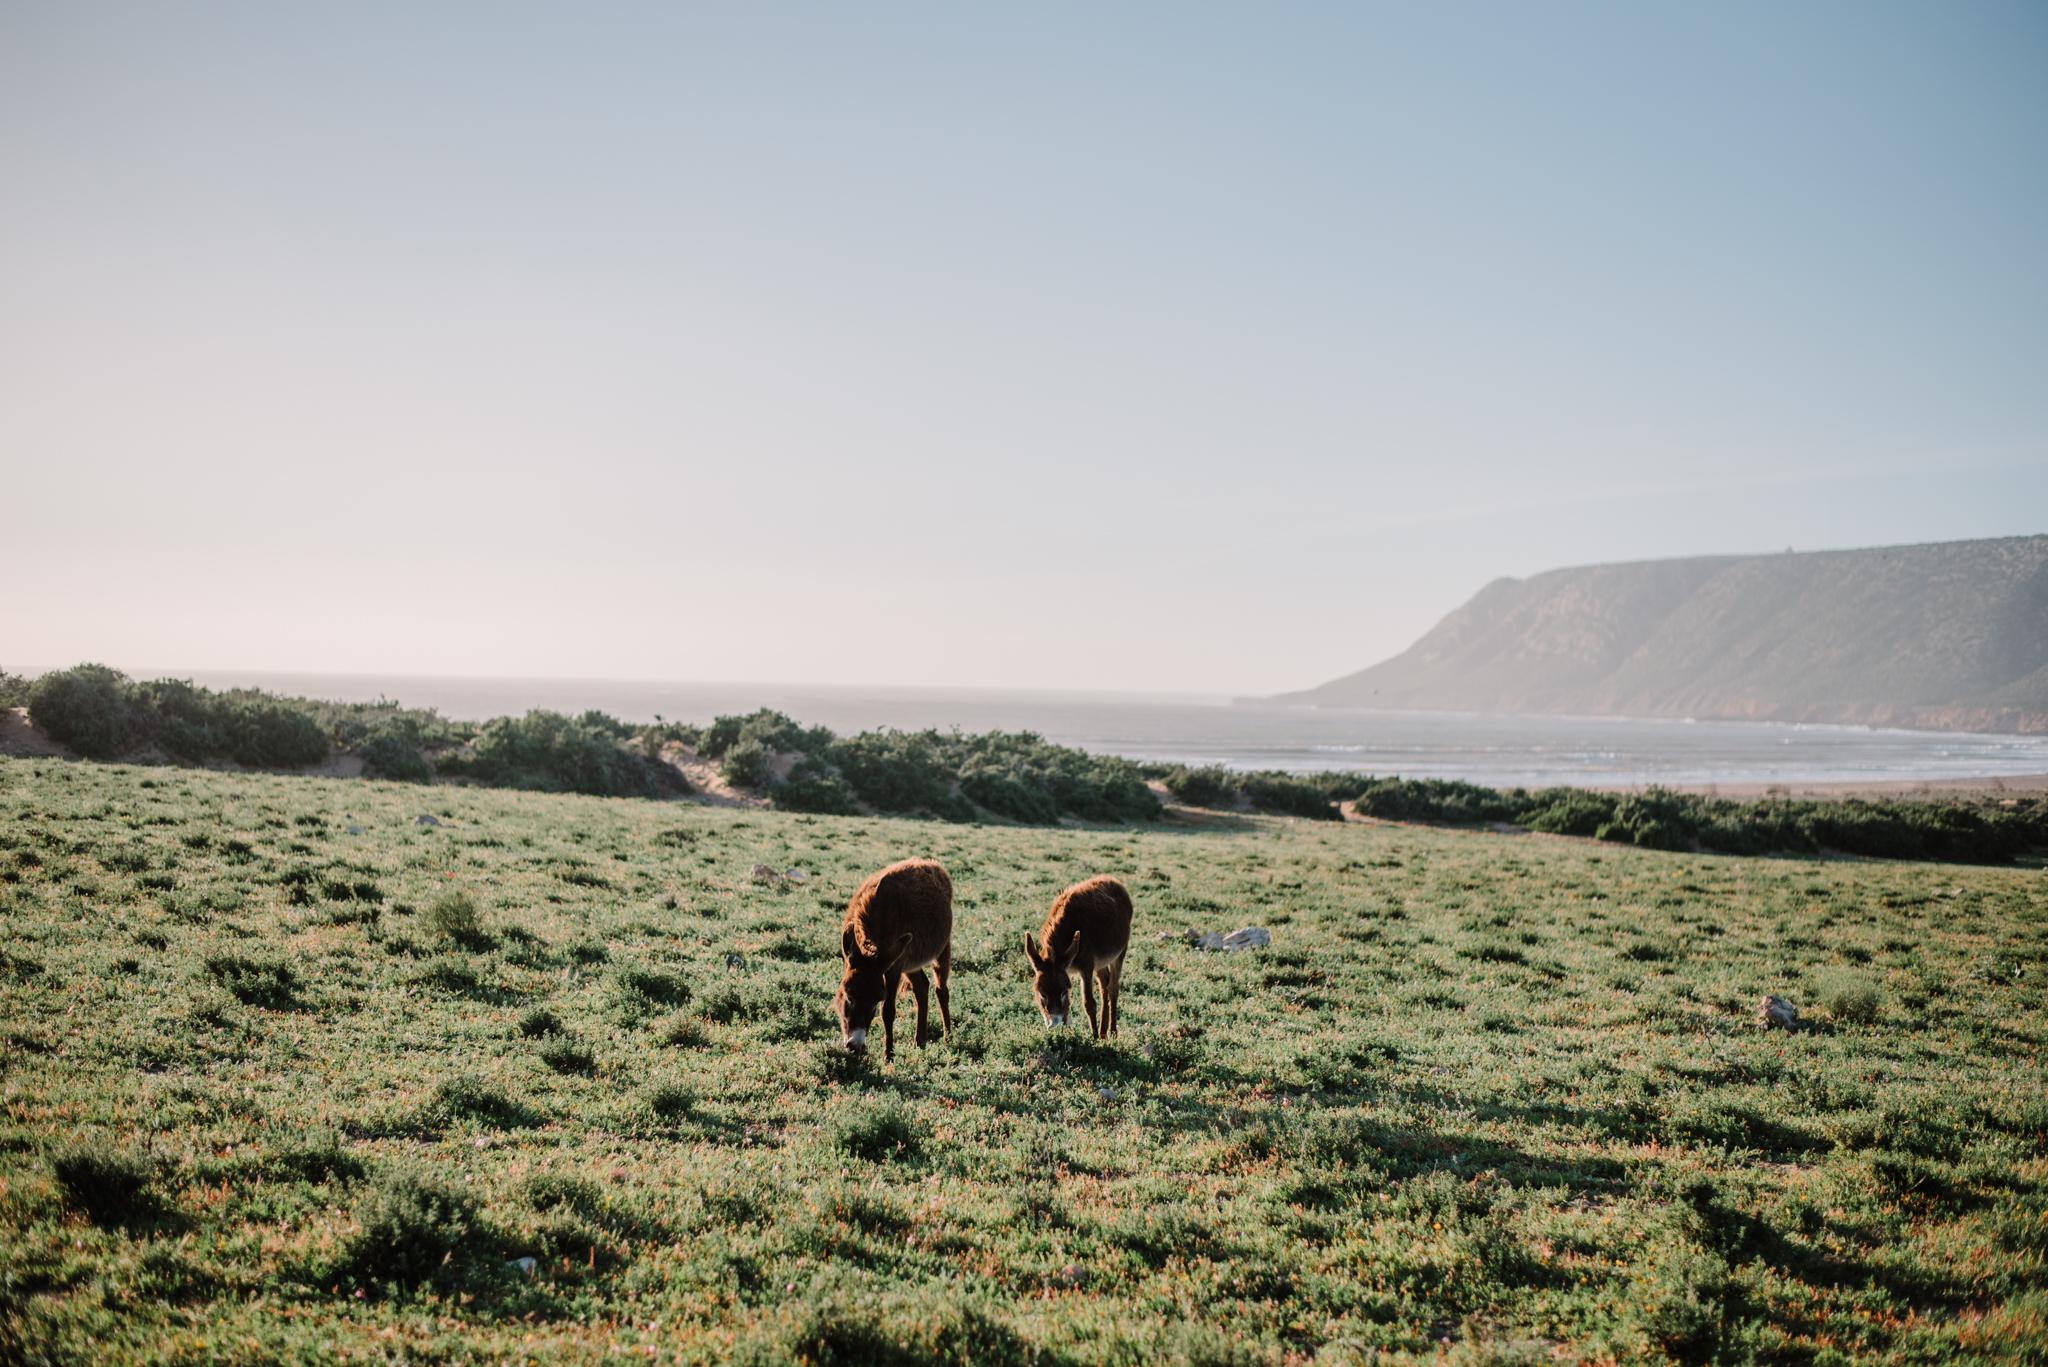 Anoukfotografeert Marokko reis-442